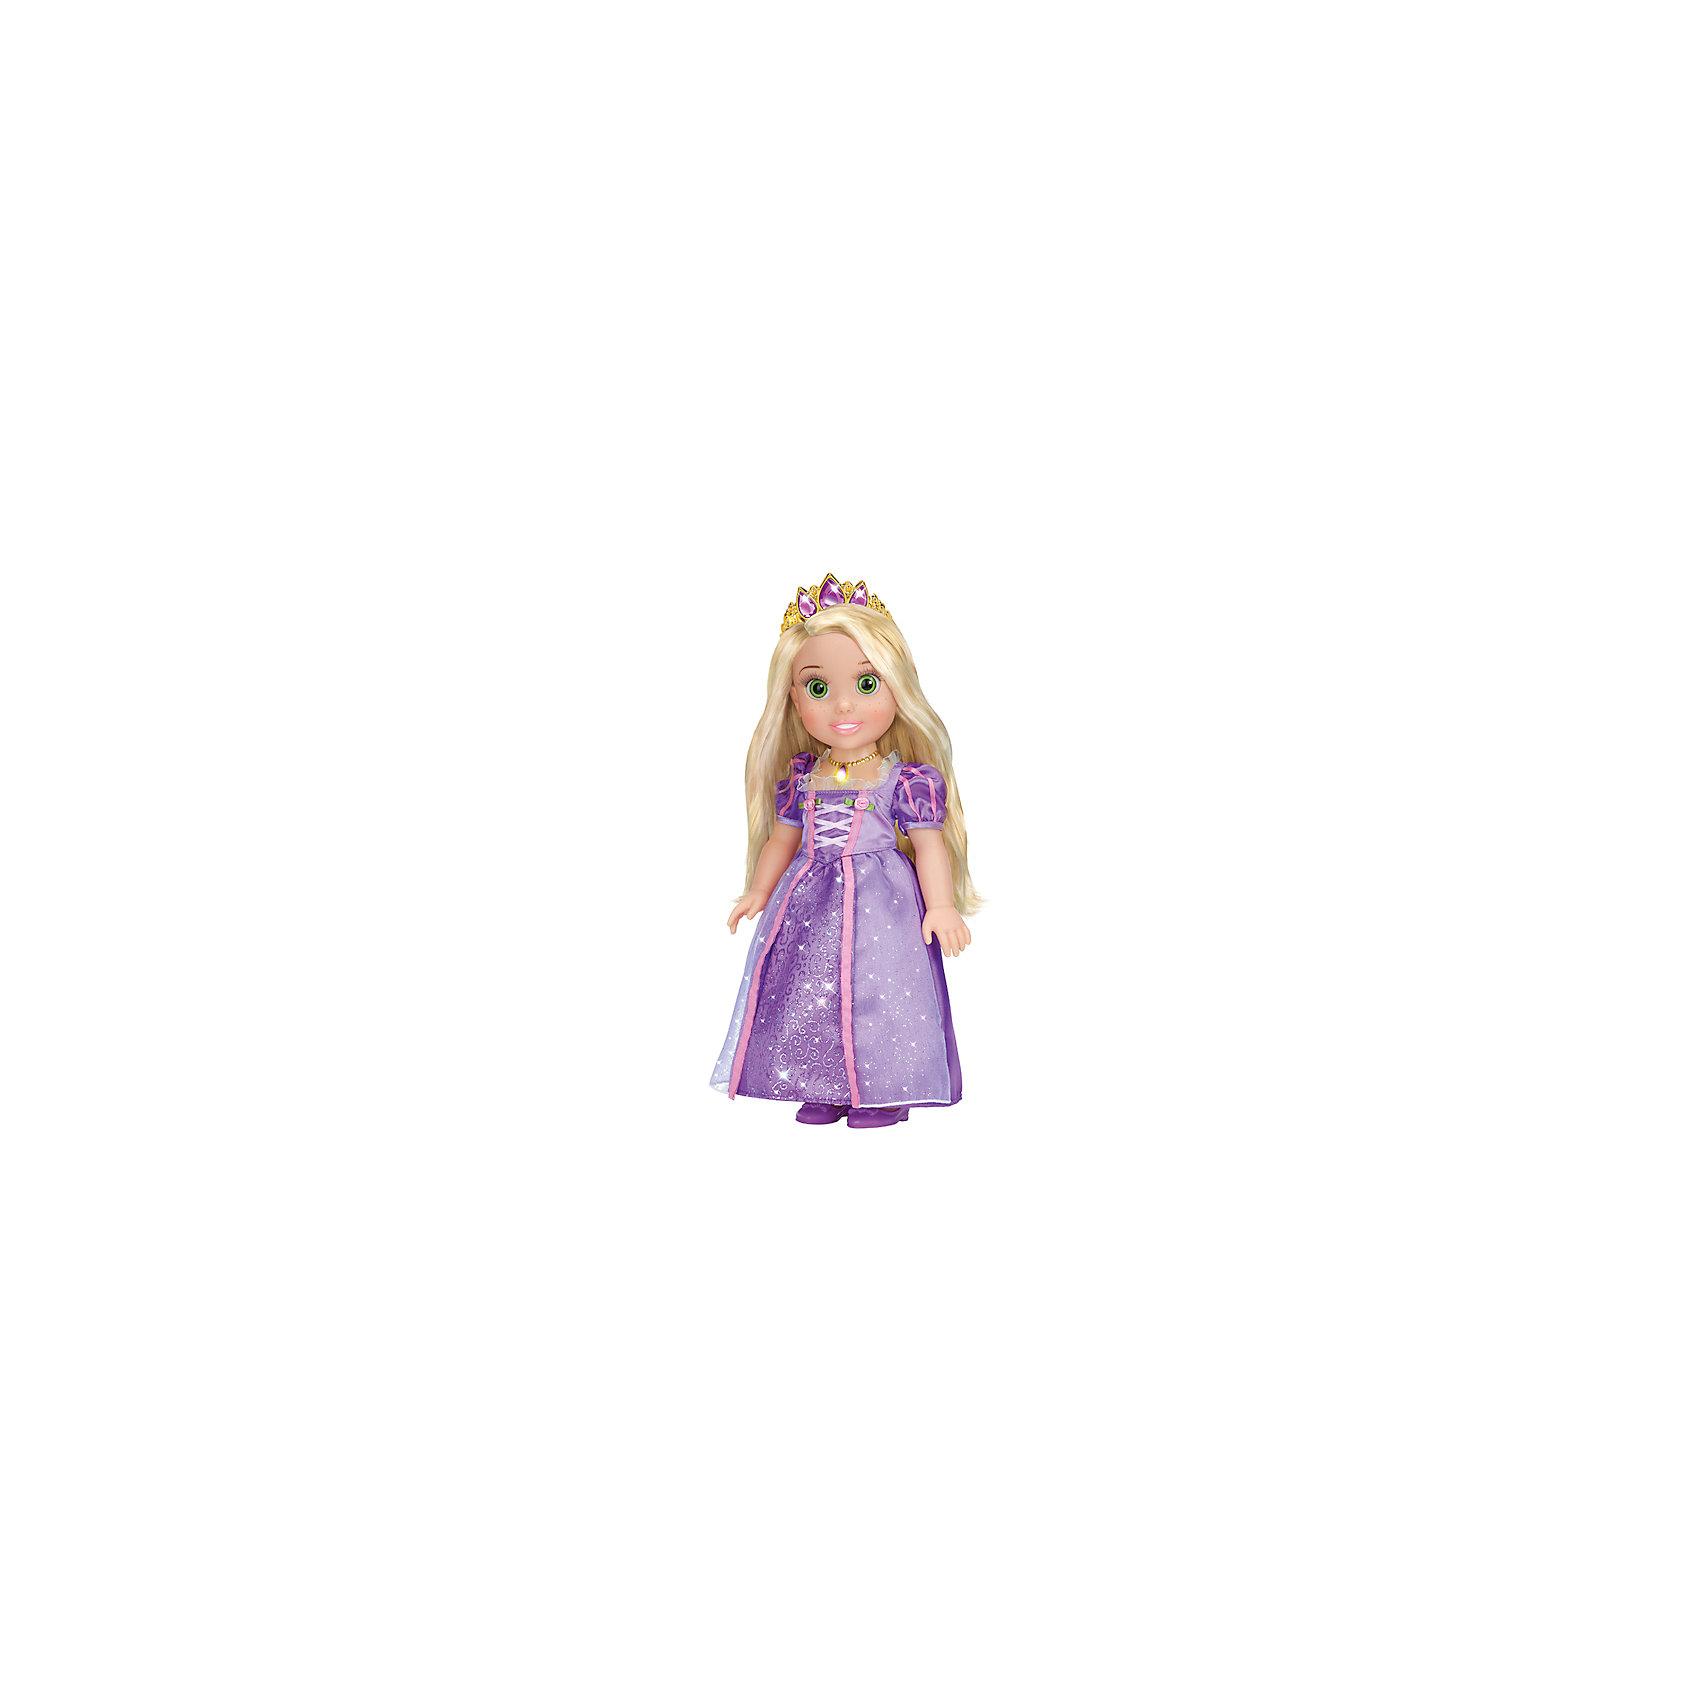 Кукла Рапунцель со светящимся амулетом, 37 см, со звуком, Принцессы Дисней, КарапузИгрушки<br>Все малышки обожают диснеевские сказки про принцесс! Но до того, как Рапунцель стала взрослой, она была очаровательной малышкой, такой как куколка Рапунцель из серии Disney Princess (Принцессы Диснея), Карапуз. Малышка Рапунцель совершенно очаровательное создание: у нее выразительные глазки, длинные ресницы и целая копна шелковистых золотых  волос.  Девочка будет с восхищением расчесывать свою маленькую принцессу, переодевать и слушать замечательную песенку.  Как у любой принцессы у куколки есть драгоценная тиара и волшебный светящийся амулет. Прекрасное платьице малышки можно снимать и придумывать ей другие наряды, еще Рапунцель умеет говорить! <br><br>Дополнительная информация:<br><br>- Комплект: кукла, амулет, диадема, туфельки;<br>- Куколка говорит фразу и поет песенку;<br>- Куколка создана по мотивам мультфильмов Disney (Дисней);<br>- Работает от  батареек: 3 х AG3 / LR41 (таблетки);<br>- Материал: пластик, текстиль;<br>- Прекрасная детализация;<br>- Ручки и ножки подвижны;<br>- Высота куколки: 37 см;<br>- Вес: 920 г<br><br>Куклу Рапунцель со светящимся амулетом, 37 см, со звуком,  Disney Princess (Принцессы Диснея), Карапуз можно купить в нашем интернет-магазине.<br><br>Ширина мм: 220<br>Глубина мм: 400<br>Высота мм: 130<br>Вес г: 920<br>Возраст от месяцев: 36<br>Возраст до месяцев: 84<br>Пол: Женский<br>Возраст: Детский<br>SKU: 3996824